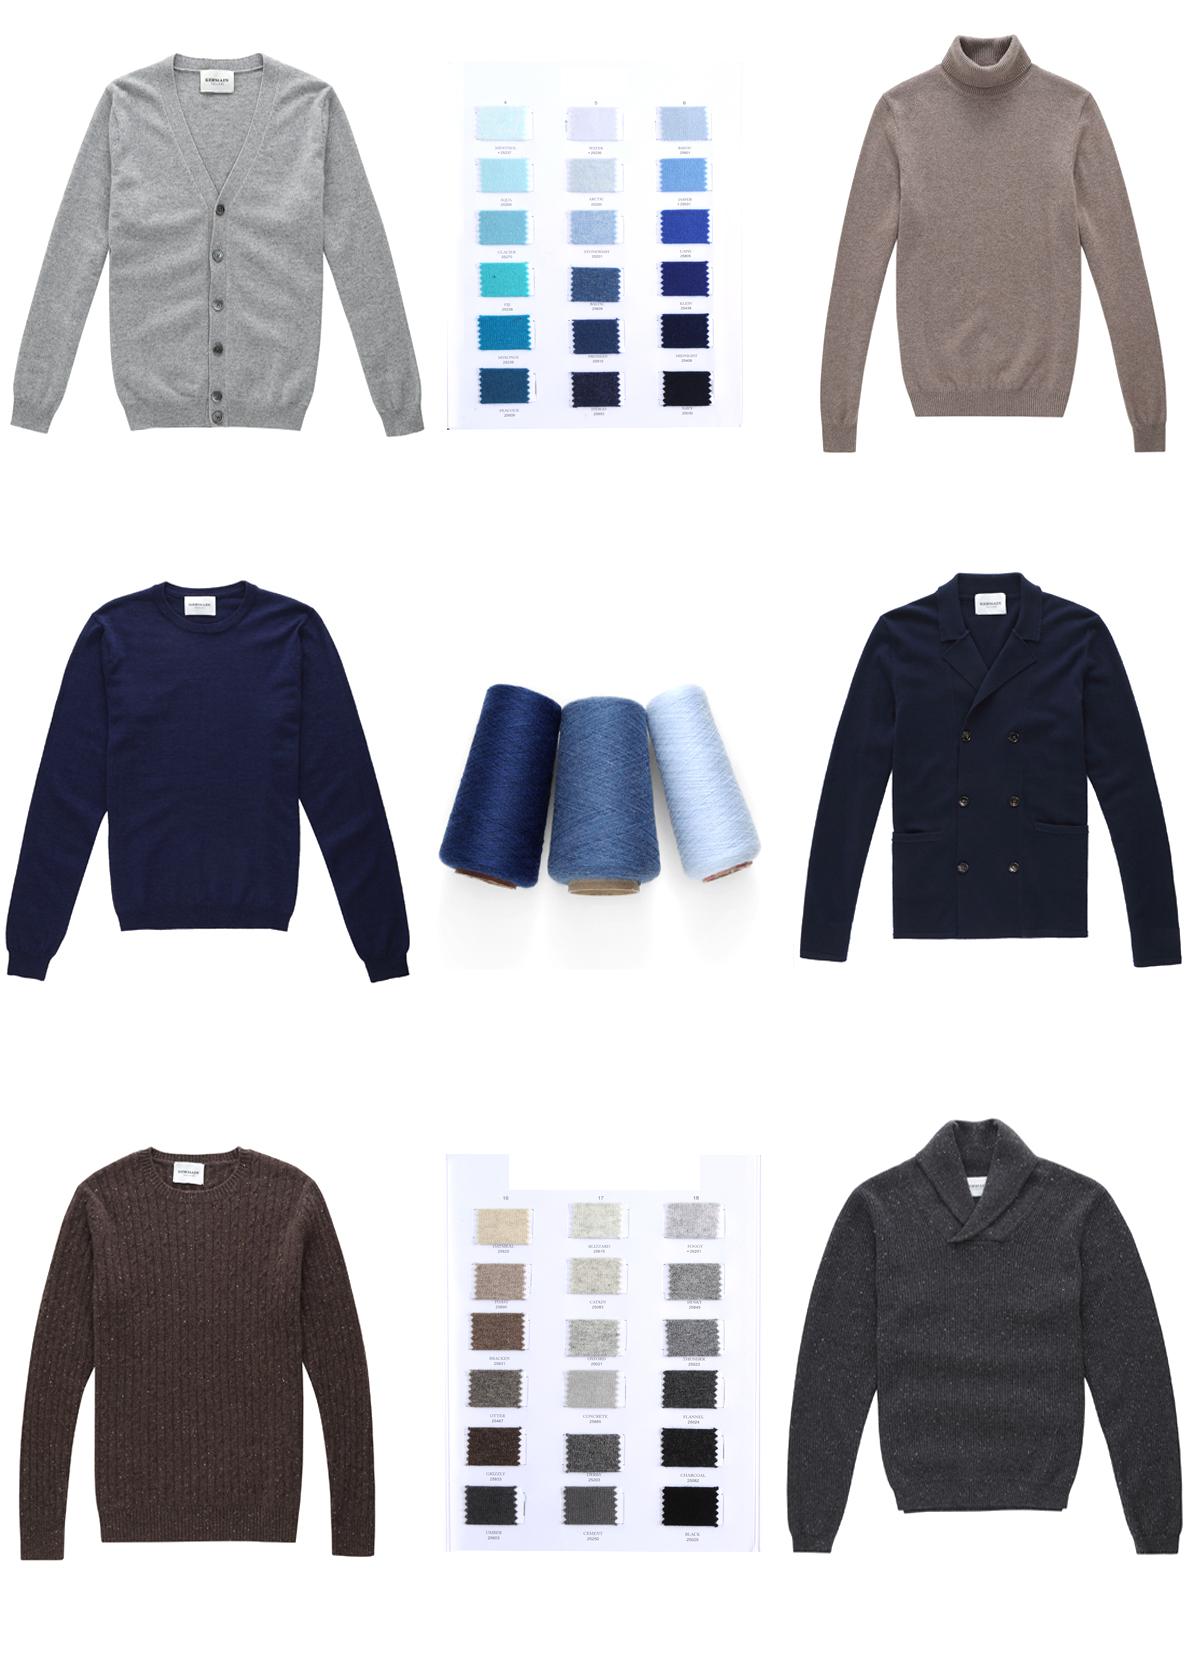 bespoke-knitwear-germain-tailors